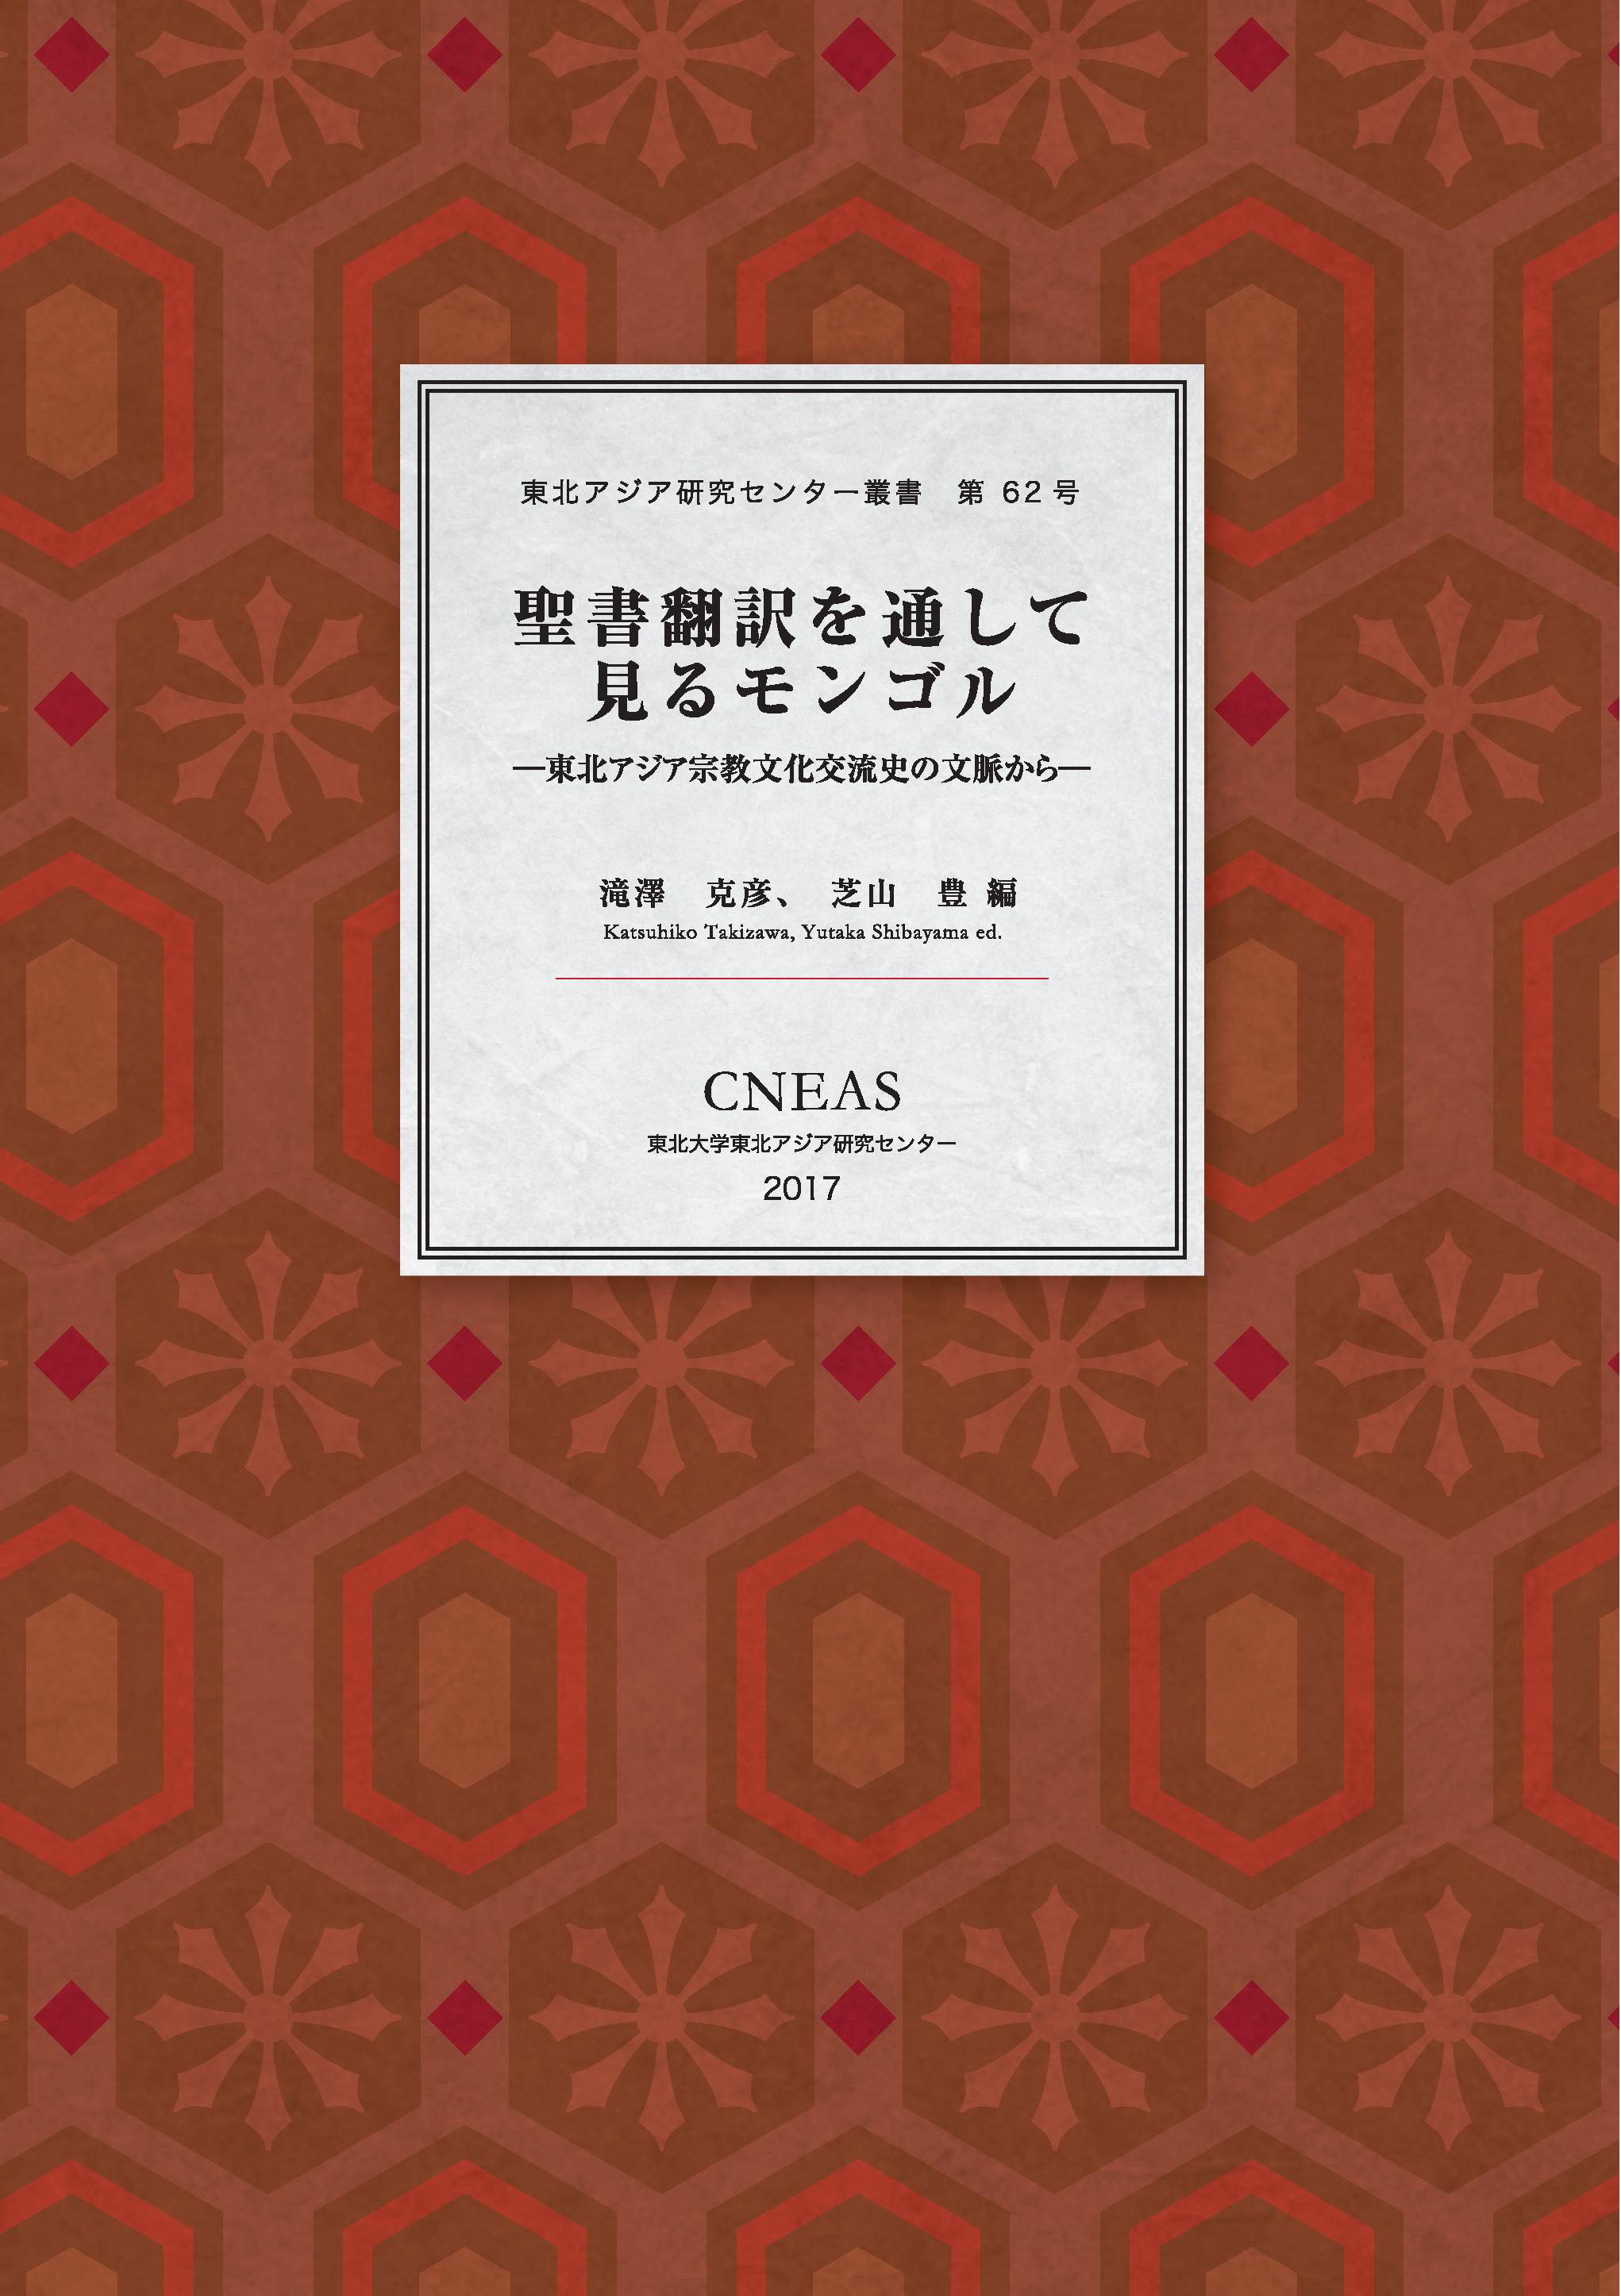 聖書翻訳を通して見るモンゴル―東北アジア宗教文化交流史の文脈から―